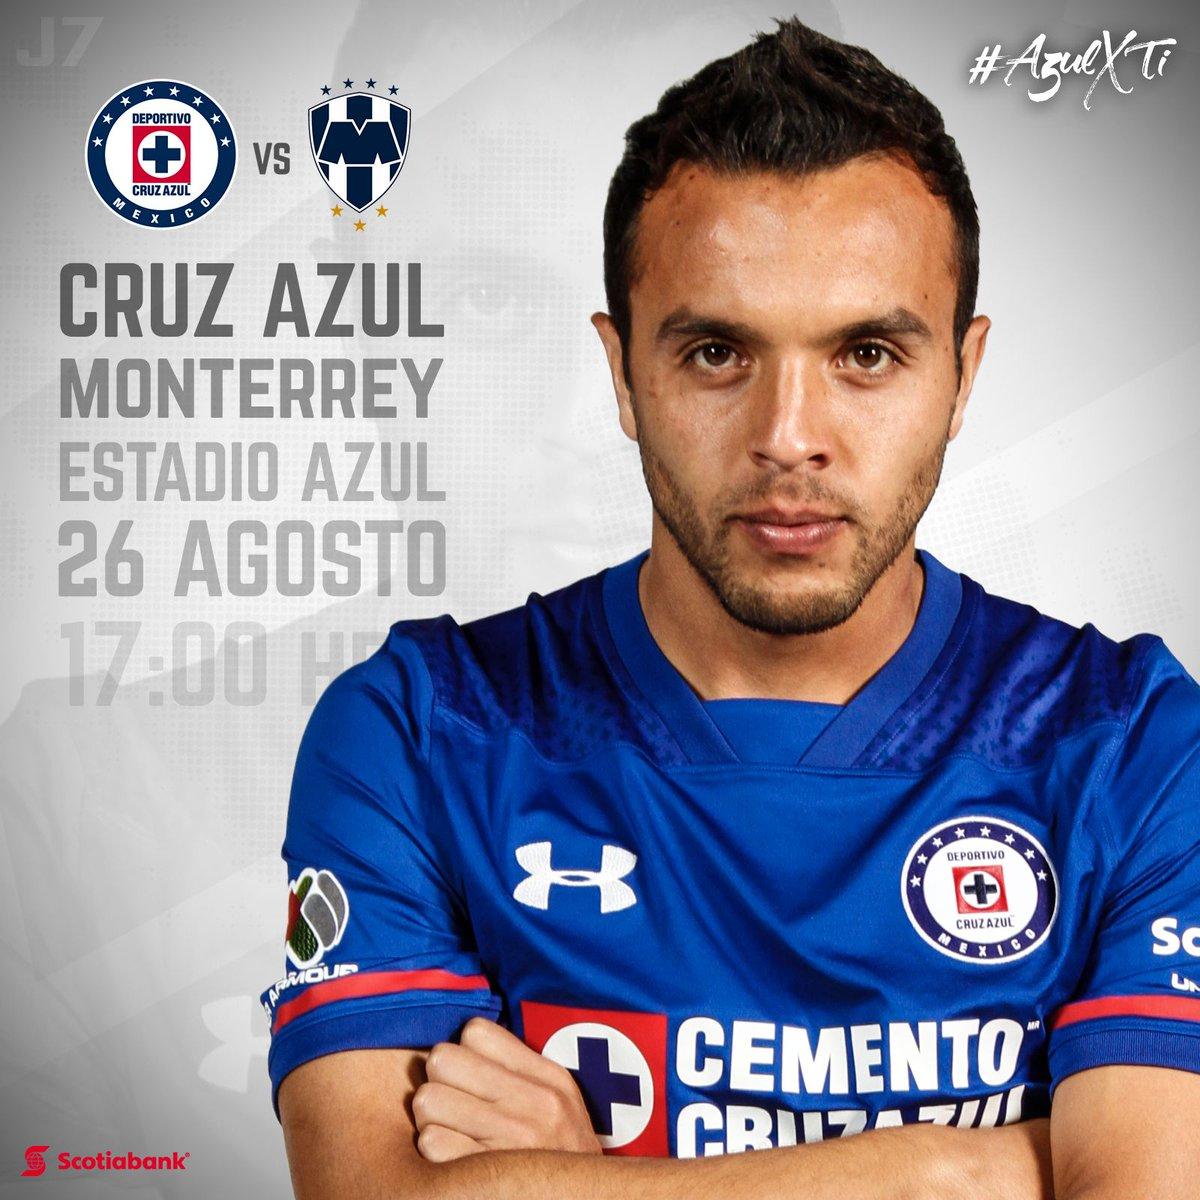 Monterrey busca mantenerse en la cima al enfrentar a Cruz Azul